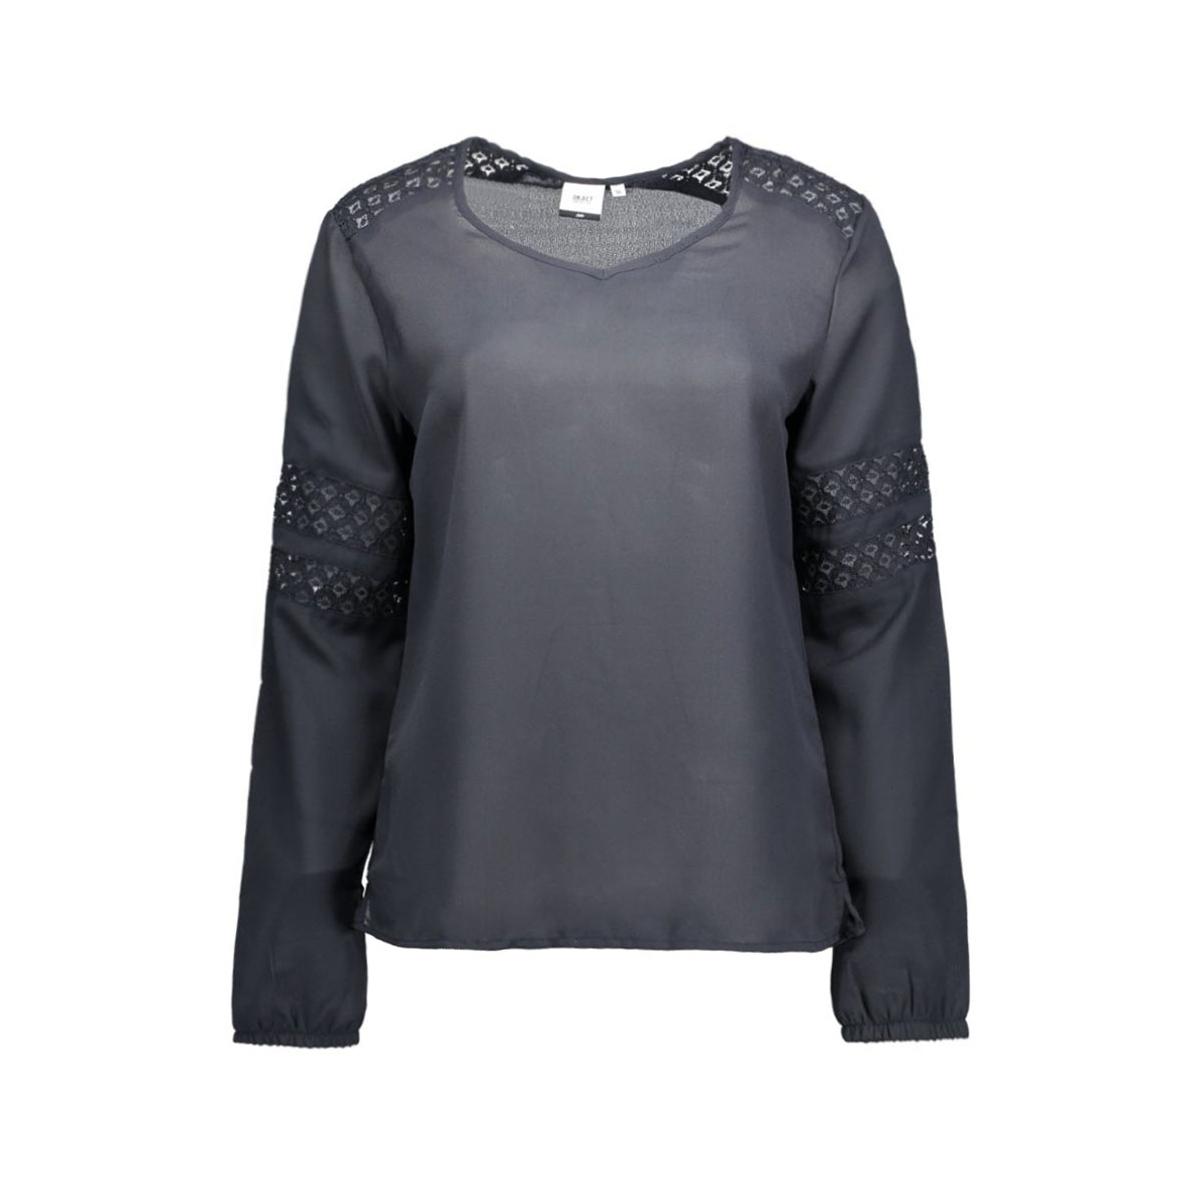 objcasa l/s top 23023149 object blouse sky captain